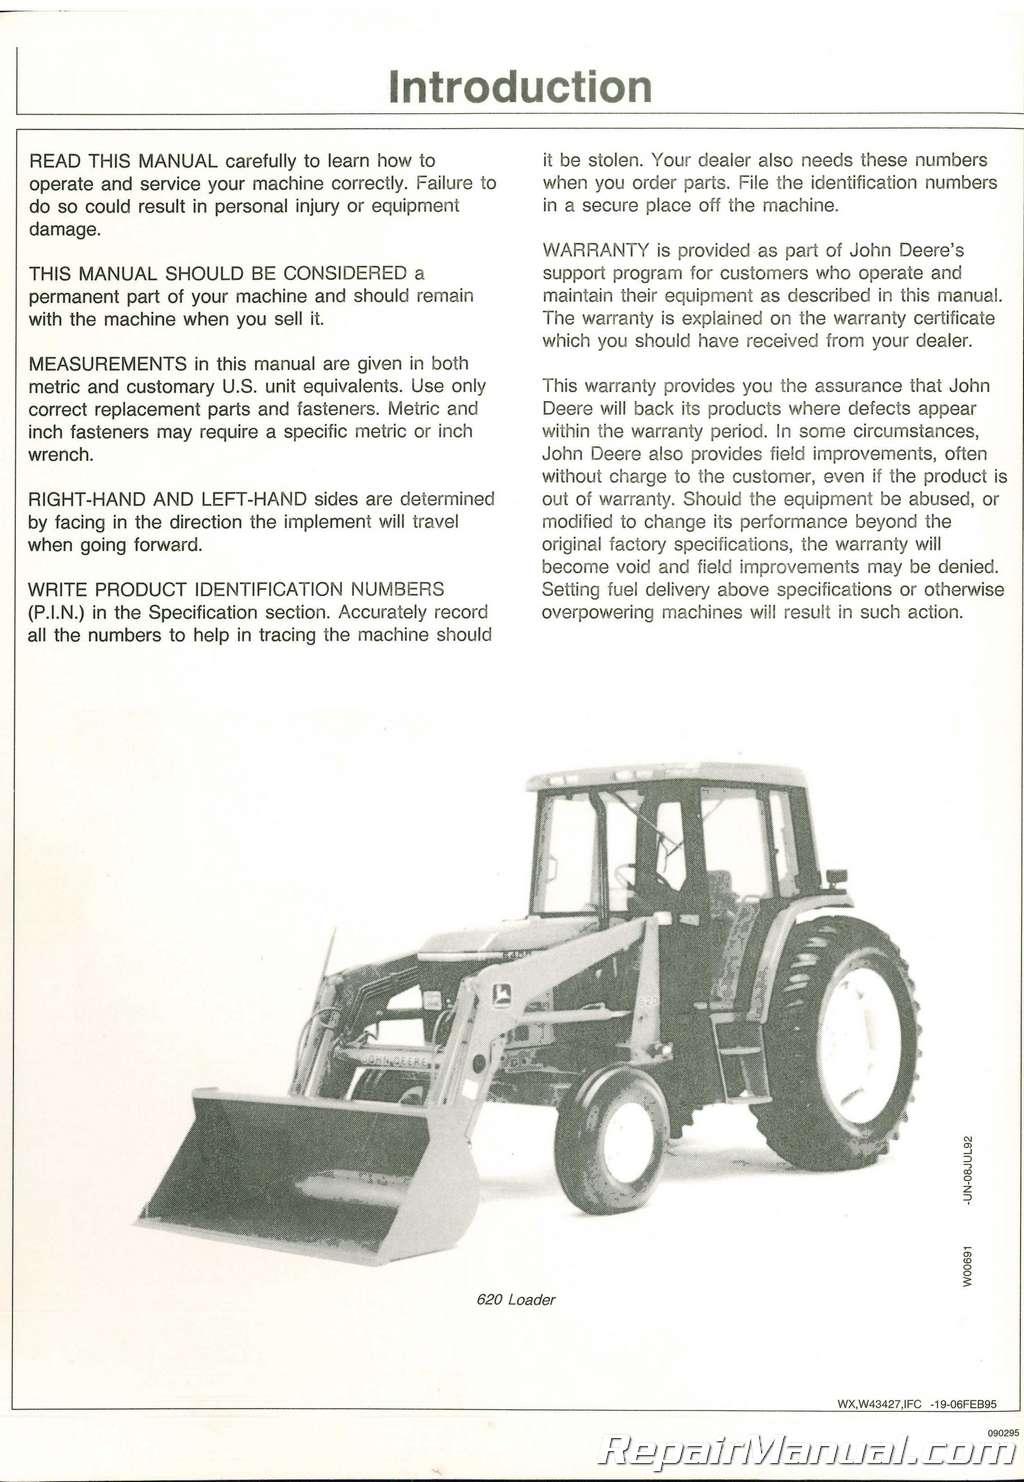 used john deere 620 720 725 loaders operators manual rh repairmanual com John Deere Lawn Tractor Manuals john deere 725 owners manual